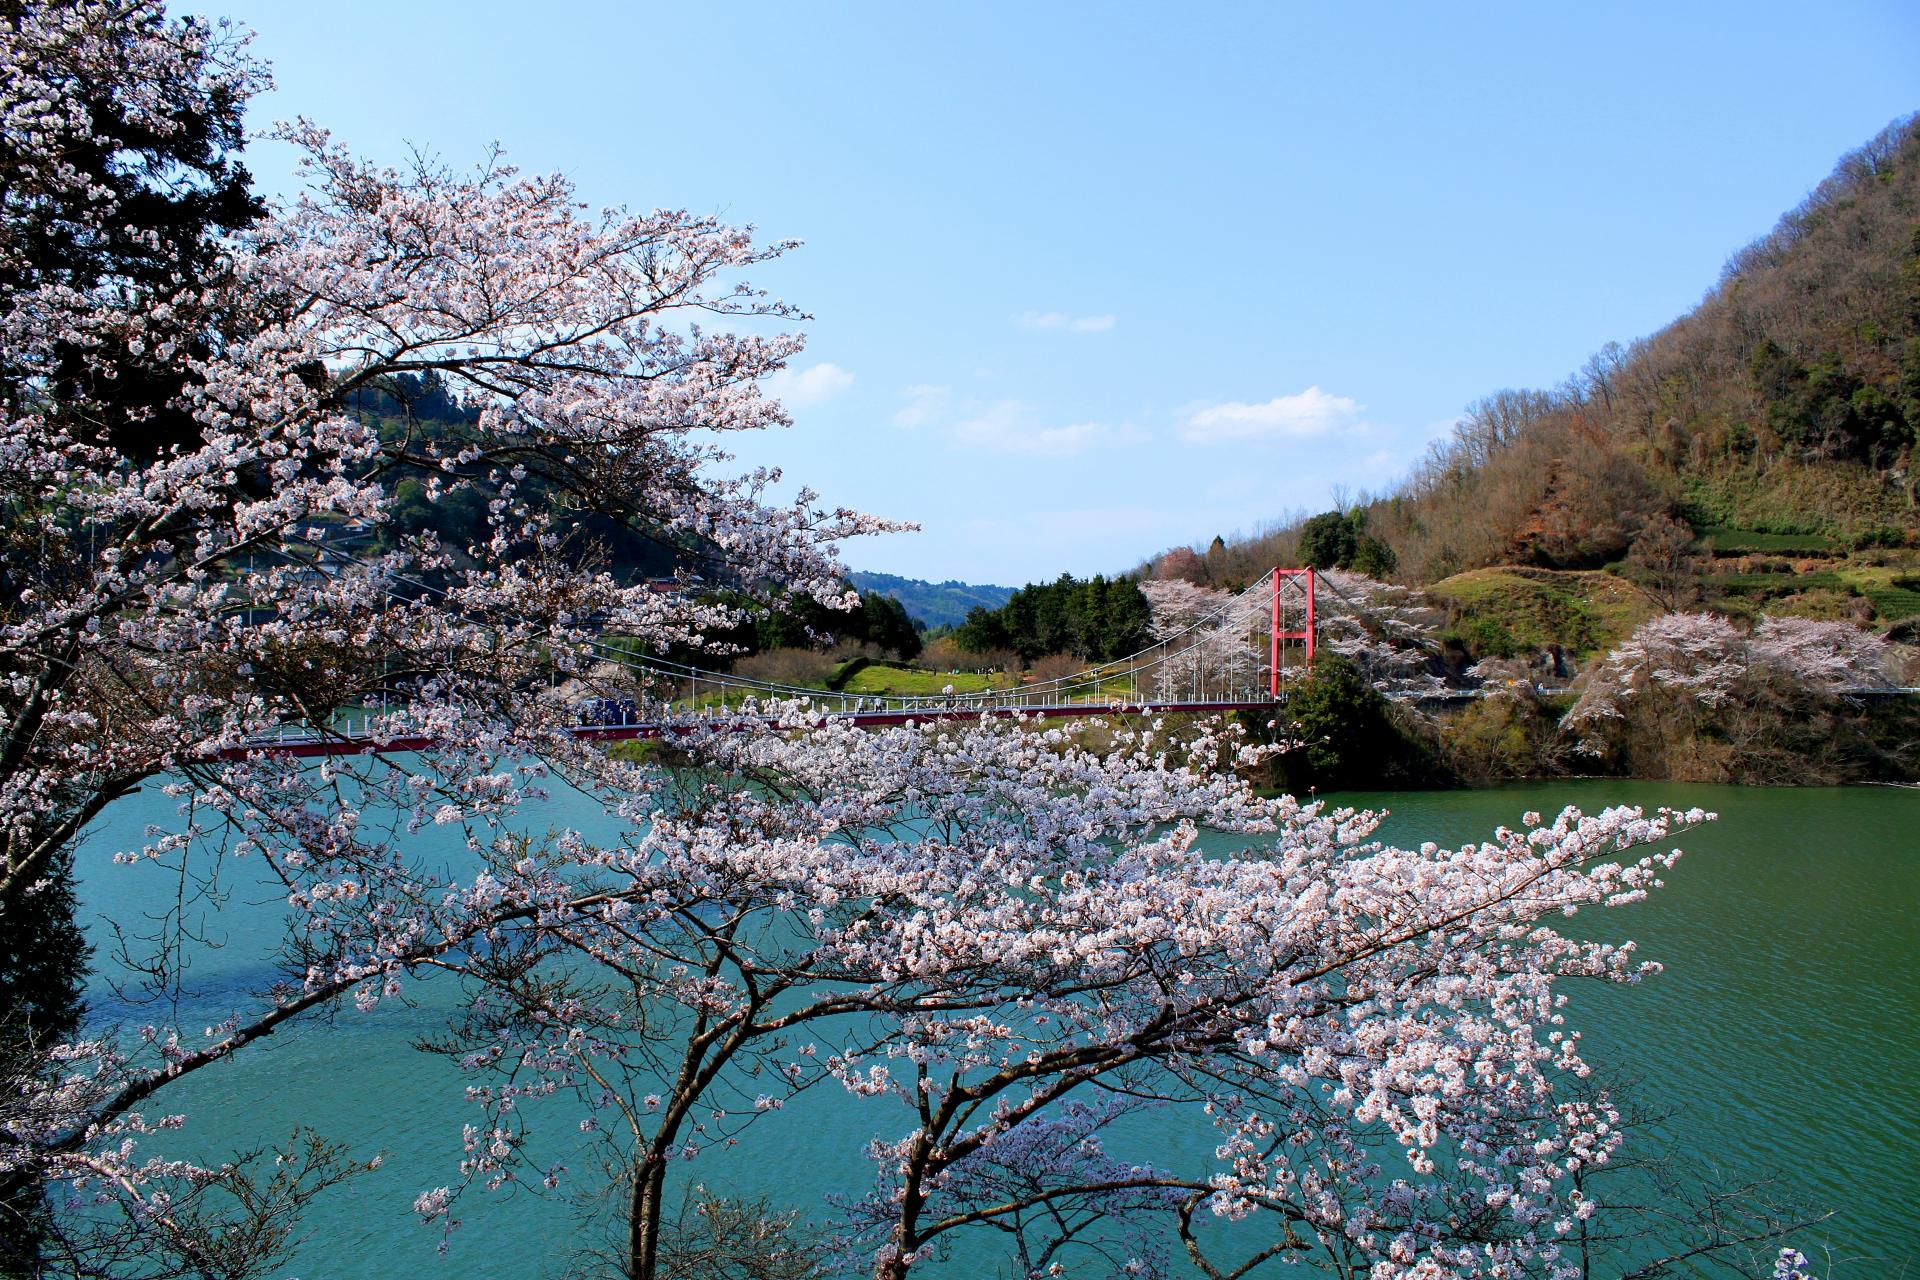 3271749_m 奈良県  月ヶ瀬梅林(約1万本の梅が咲く春におすすめの絶景スポット!雲海も見所! 写真の紹介、アクセス情報や駐車場情報など)